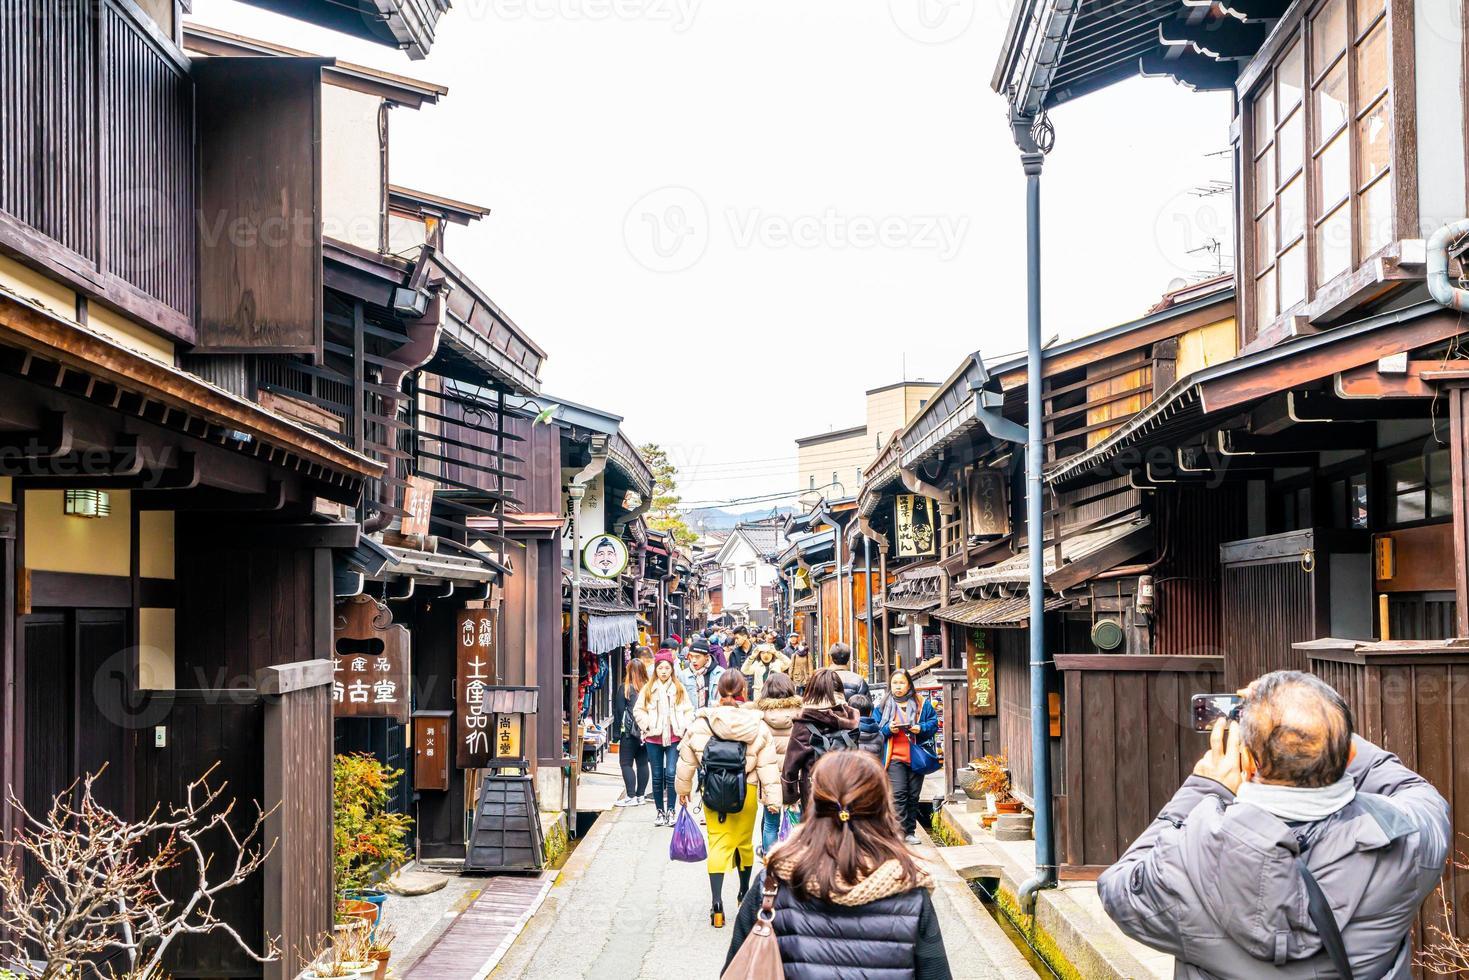 takayama, japón, 12 de enero de 2020: la toma de paisaje de la ciudad de takayama. se nombra como pequeño kyoto de japón y se estableció desde la era edo. foto